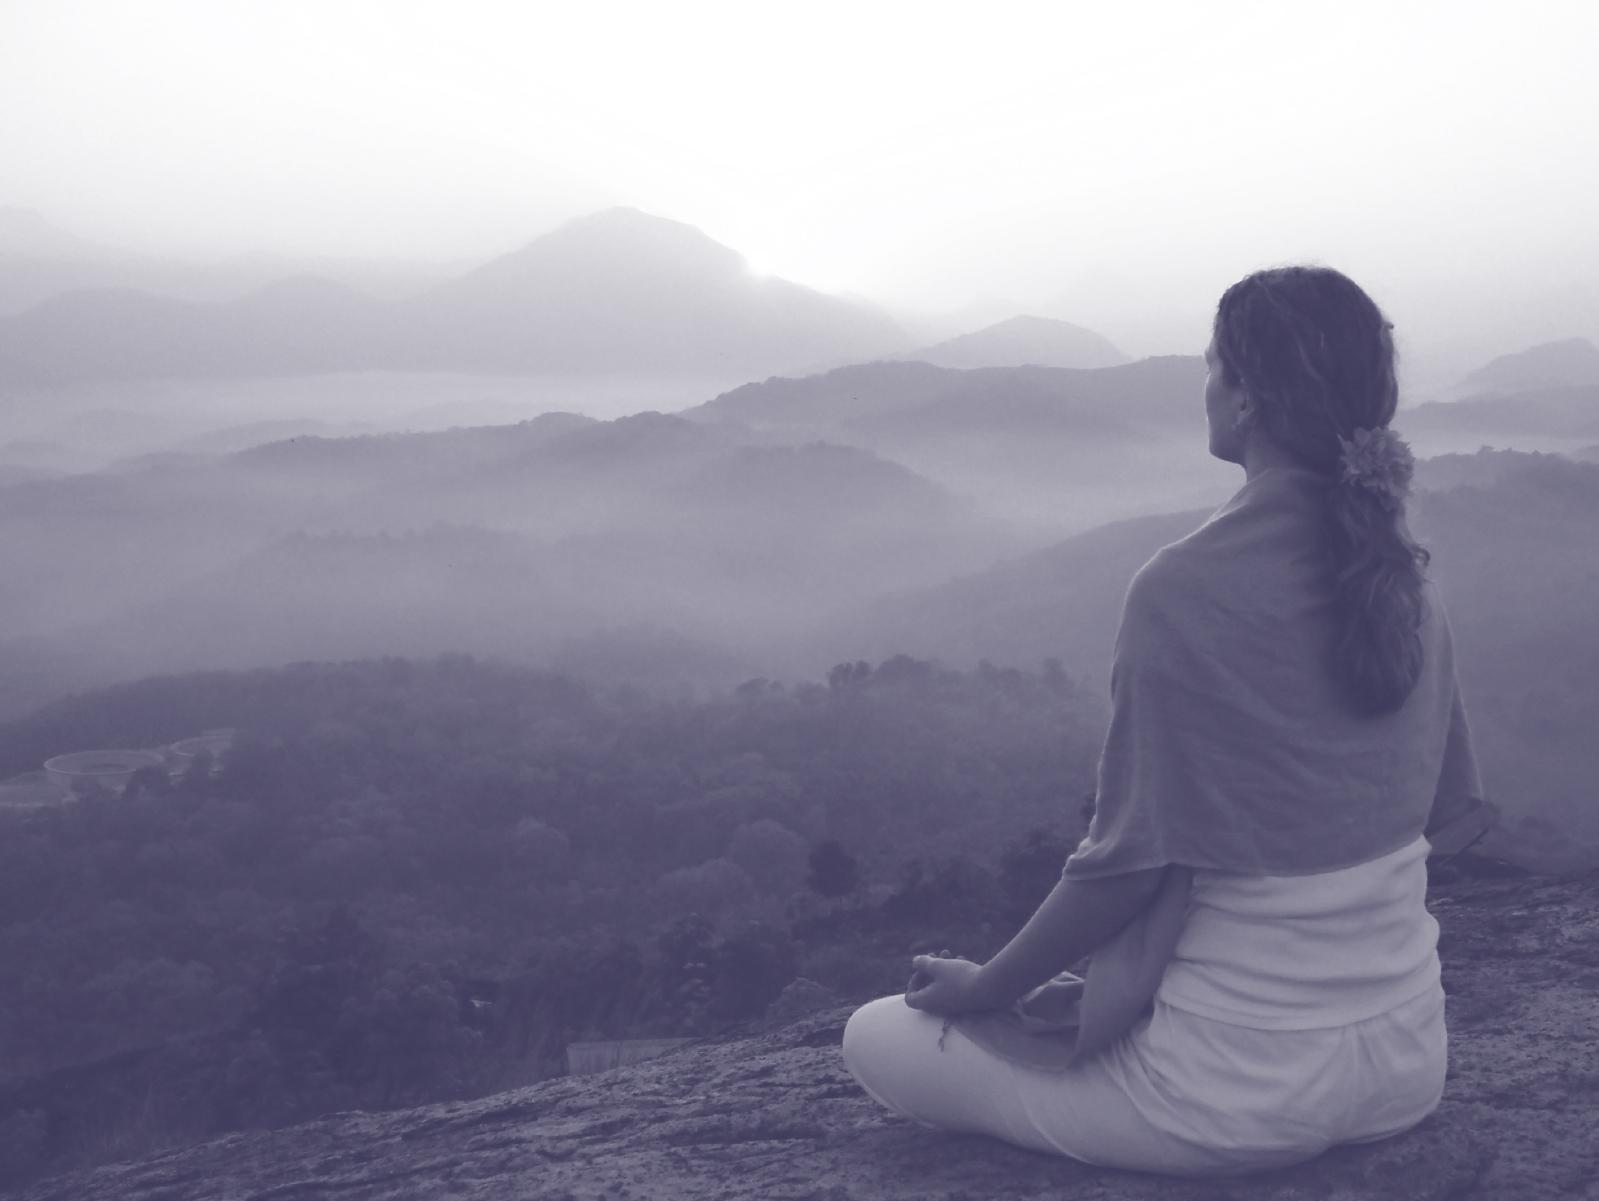 Mindfulness medveten närvaro